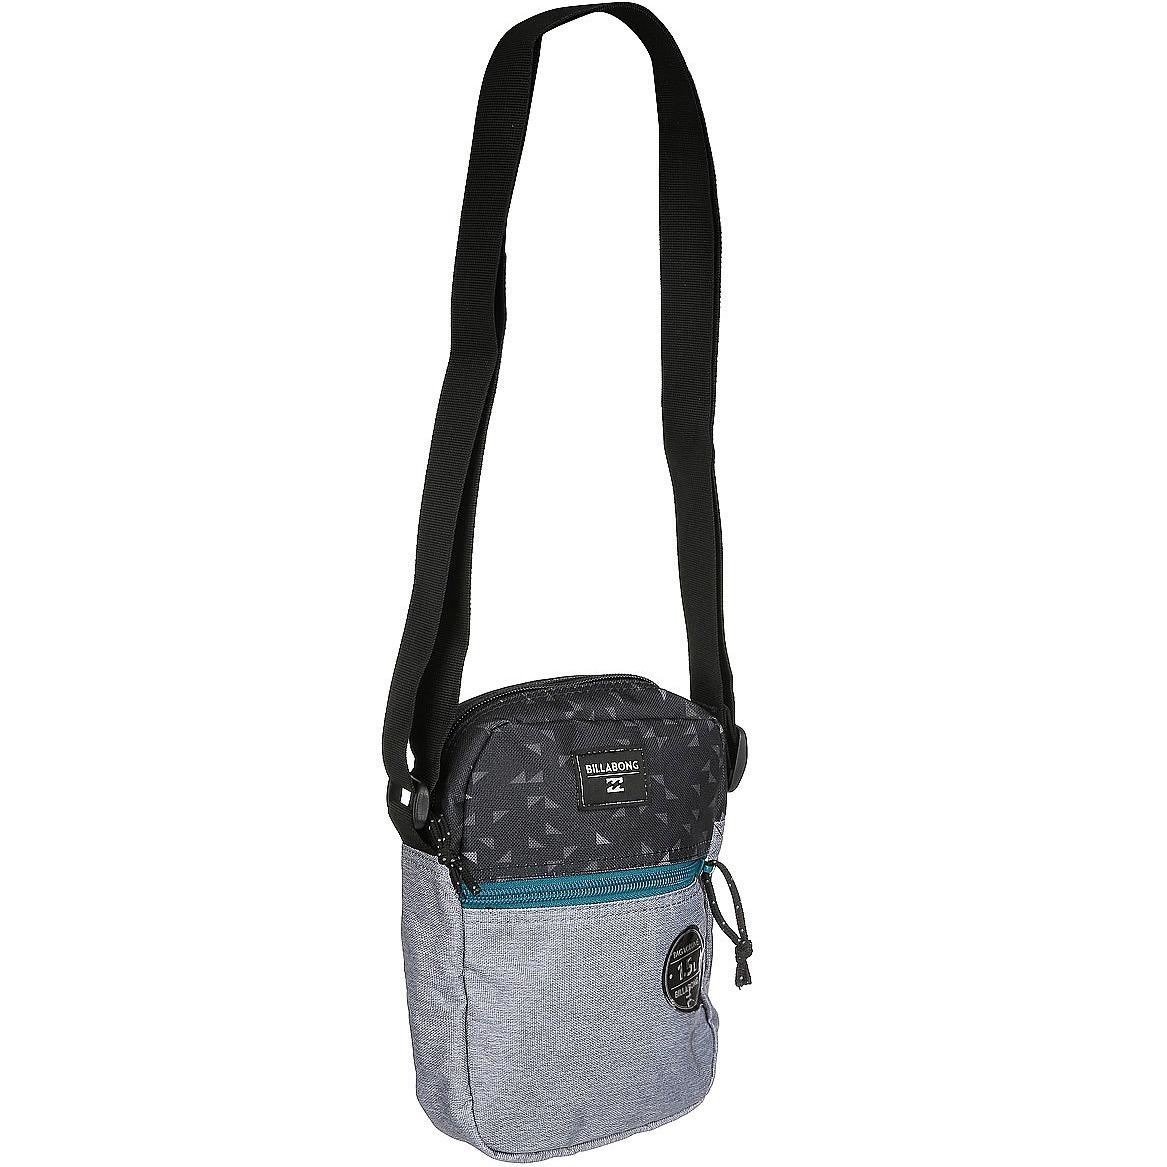 Сумка Billabong Boulevard Satchel, цвет: черный, серый. 36078693693223607869369322Стильная сумка для акссусуаров